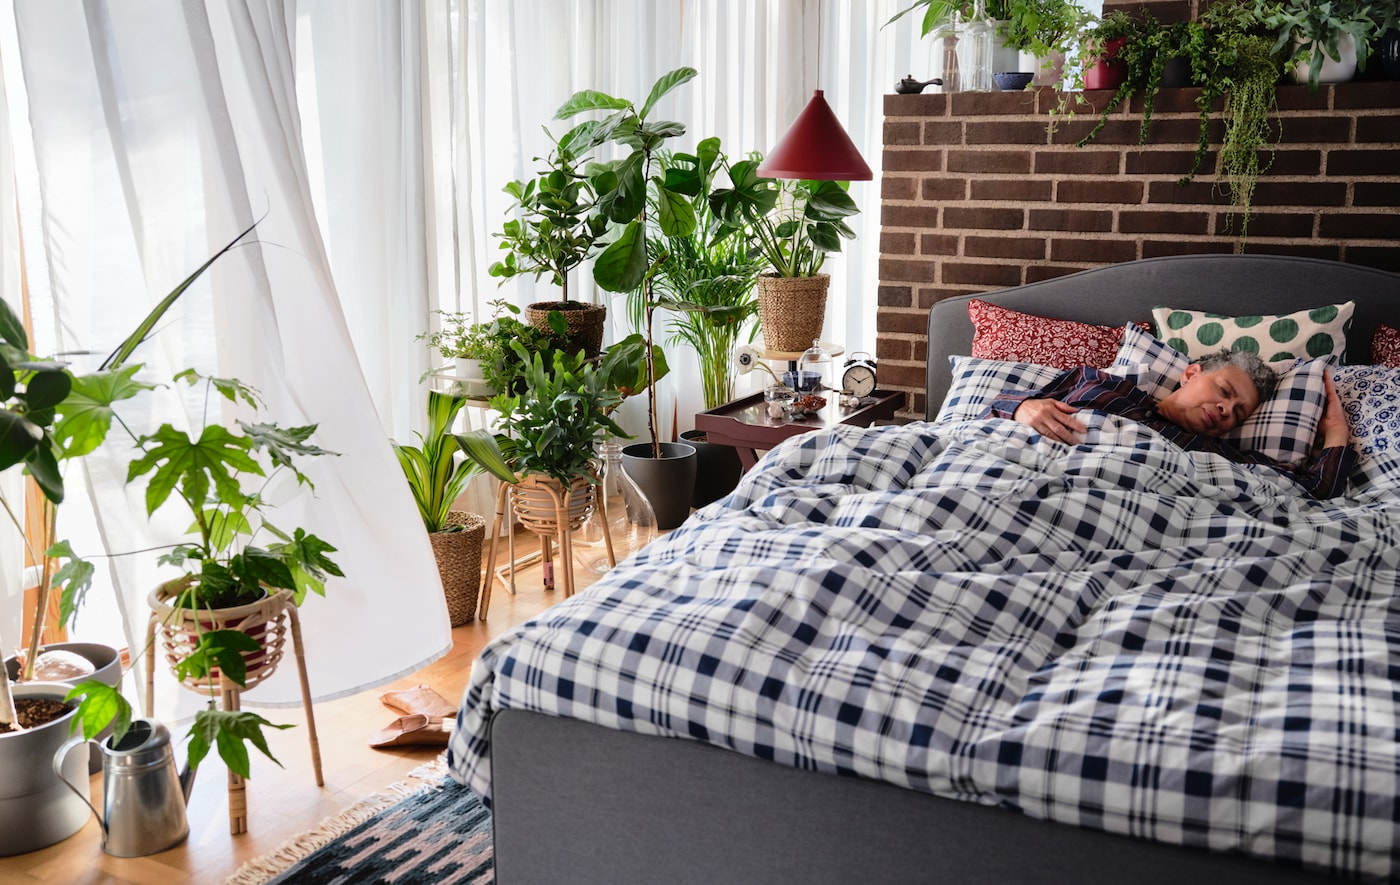 Egy nő kárpitozott HAUGA ágyban alszik, kockás paplanhuzattal takarózik és zöld növényekkel van körülvéve.